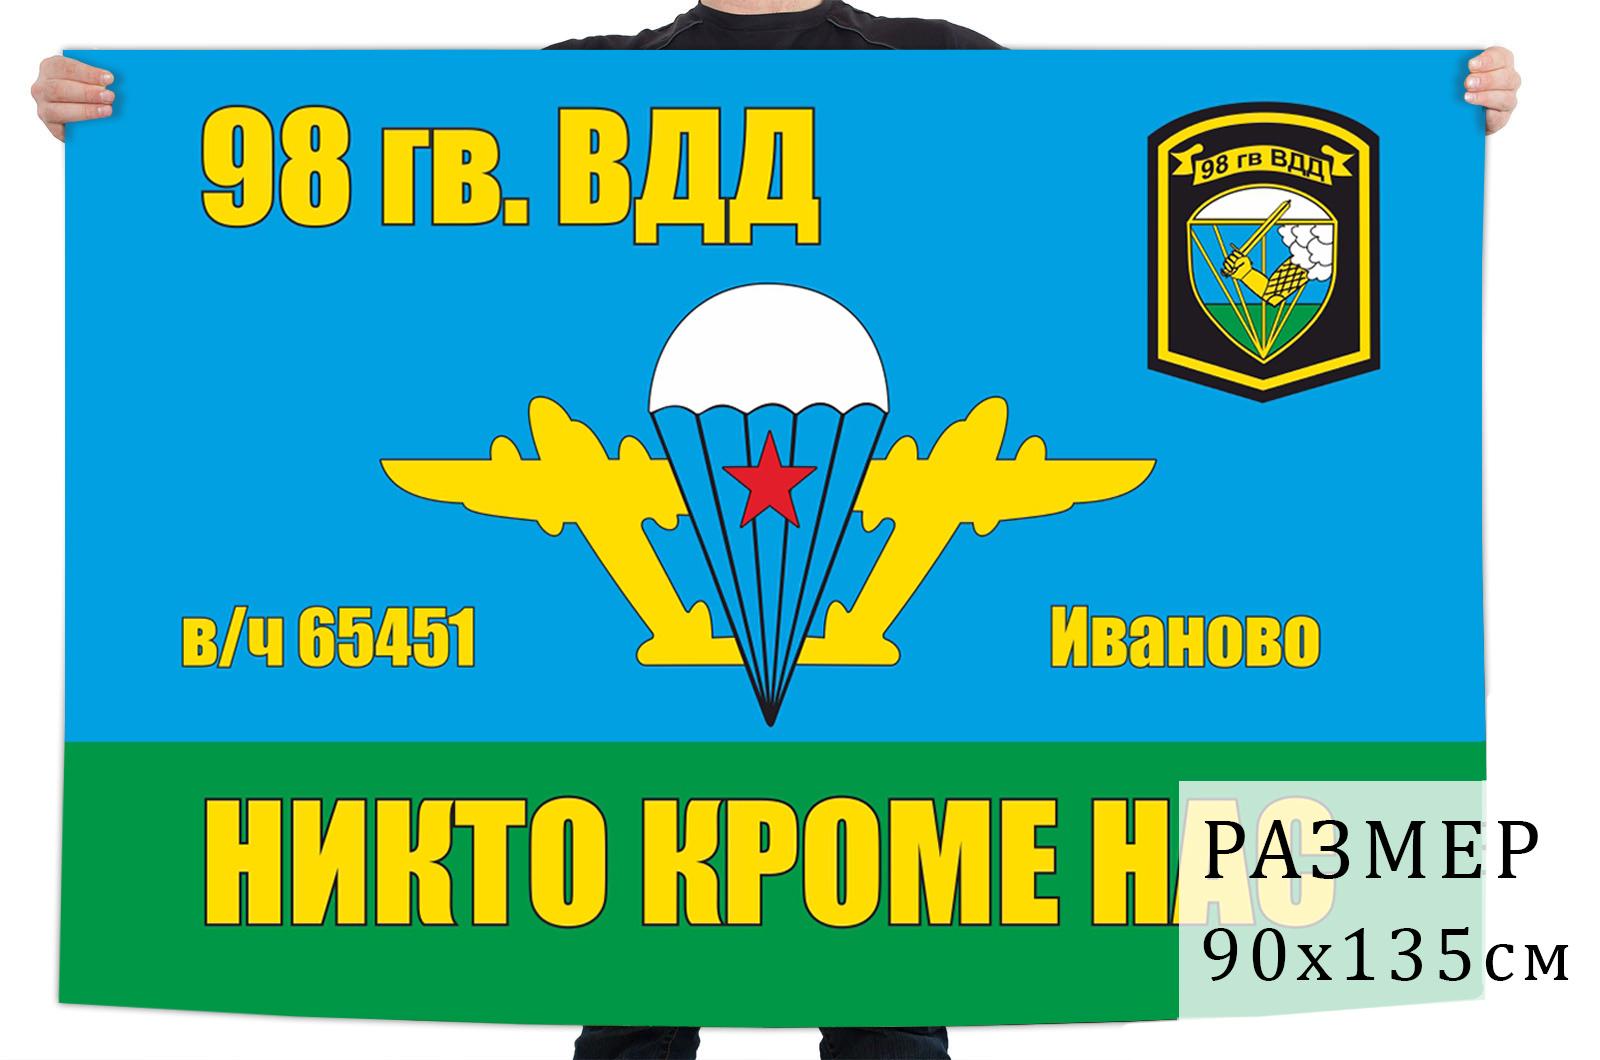 Флаг 98 гв. ВДД